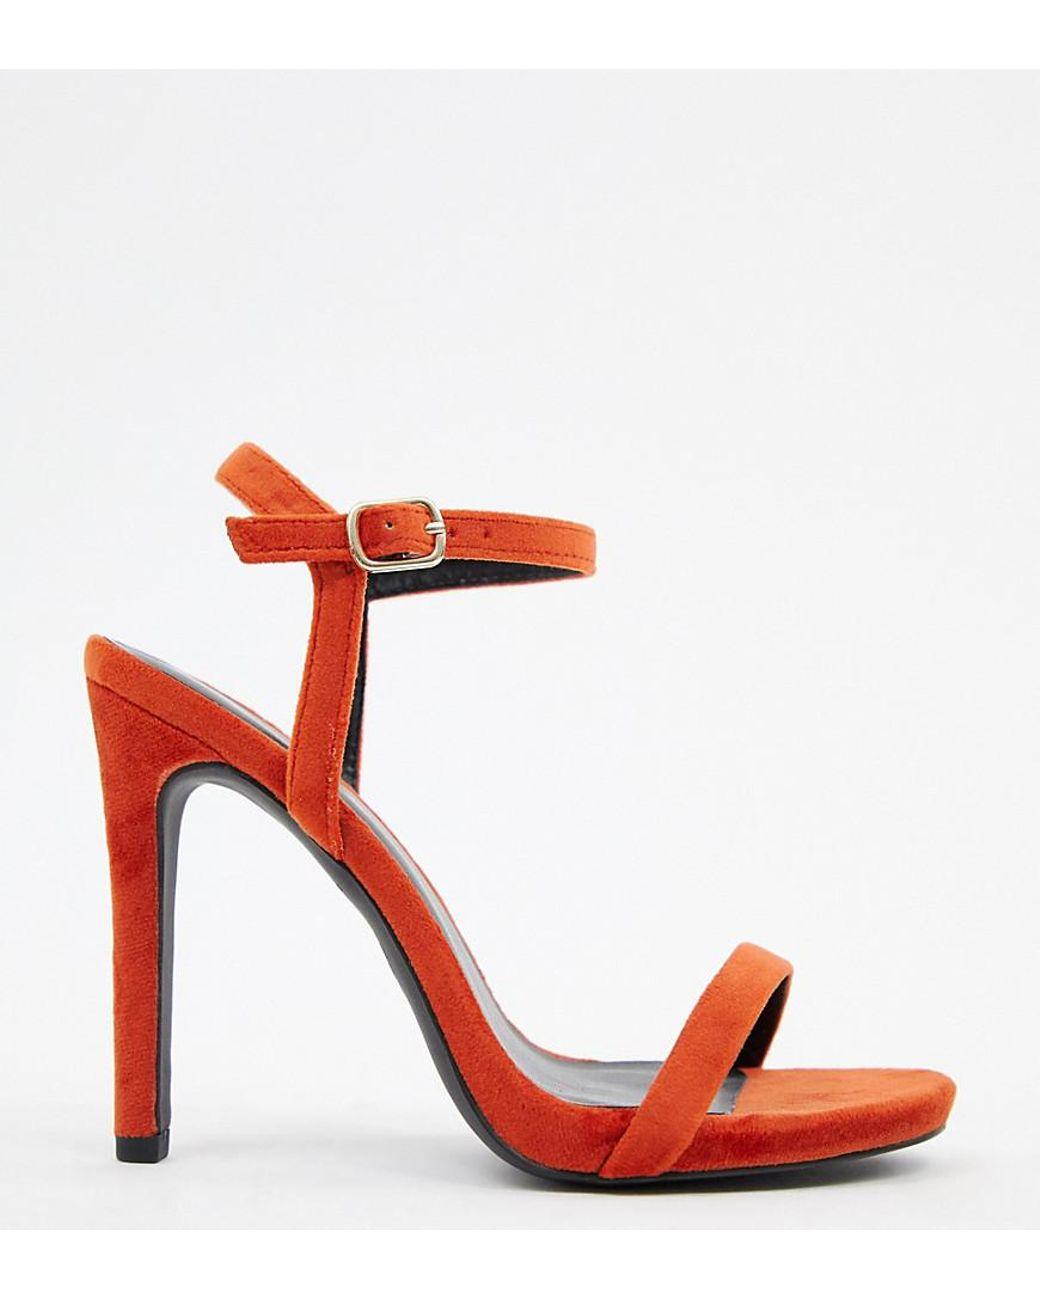 379e8e8717f Women's Red Velvet Heeled Sandal In Orange